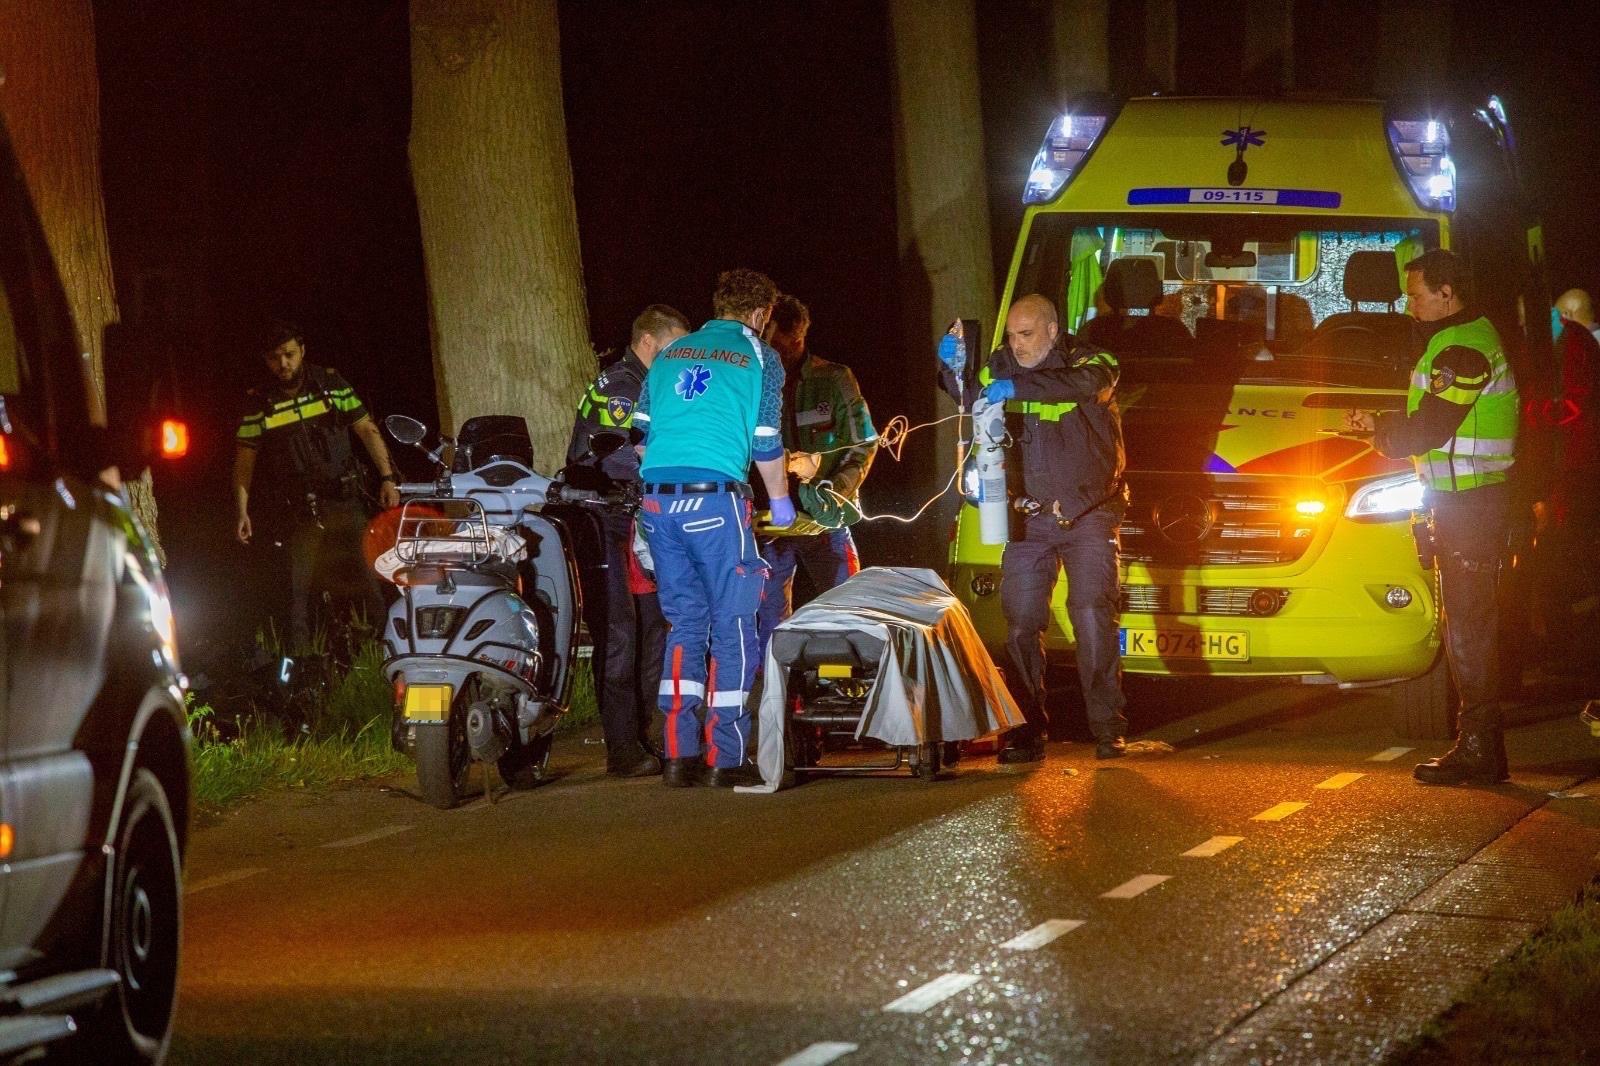 Maartensdijkers (16 en 18) ernstig gewond bij eenzijdig ongeluk in Westbroek, twee traumaheli's ingezet